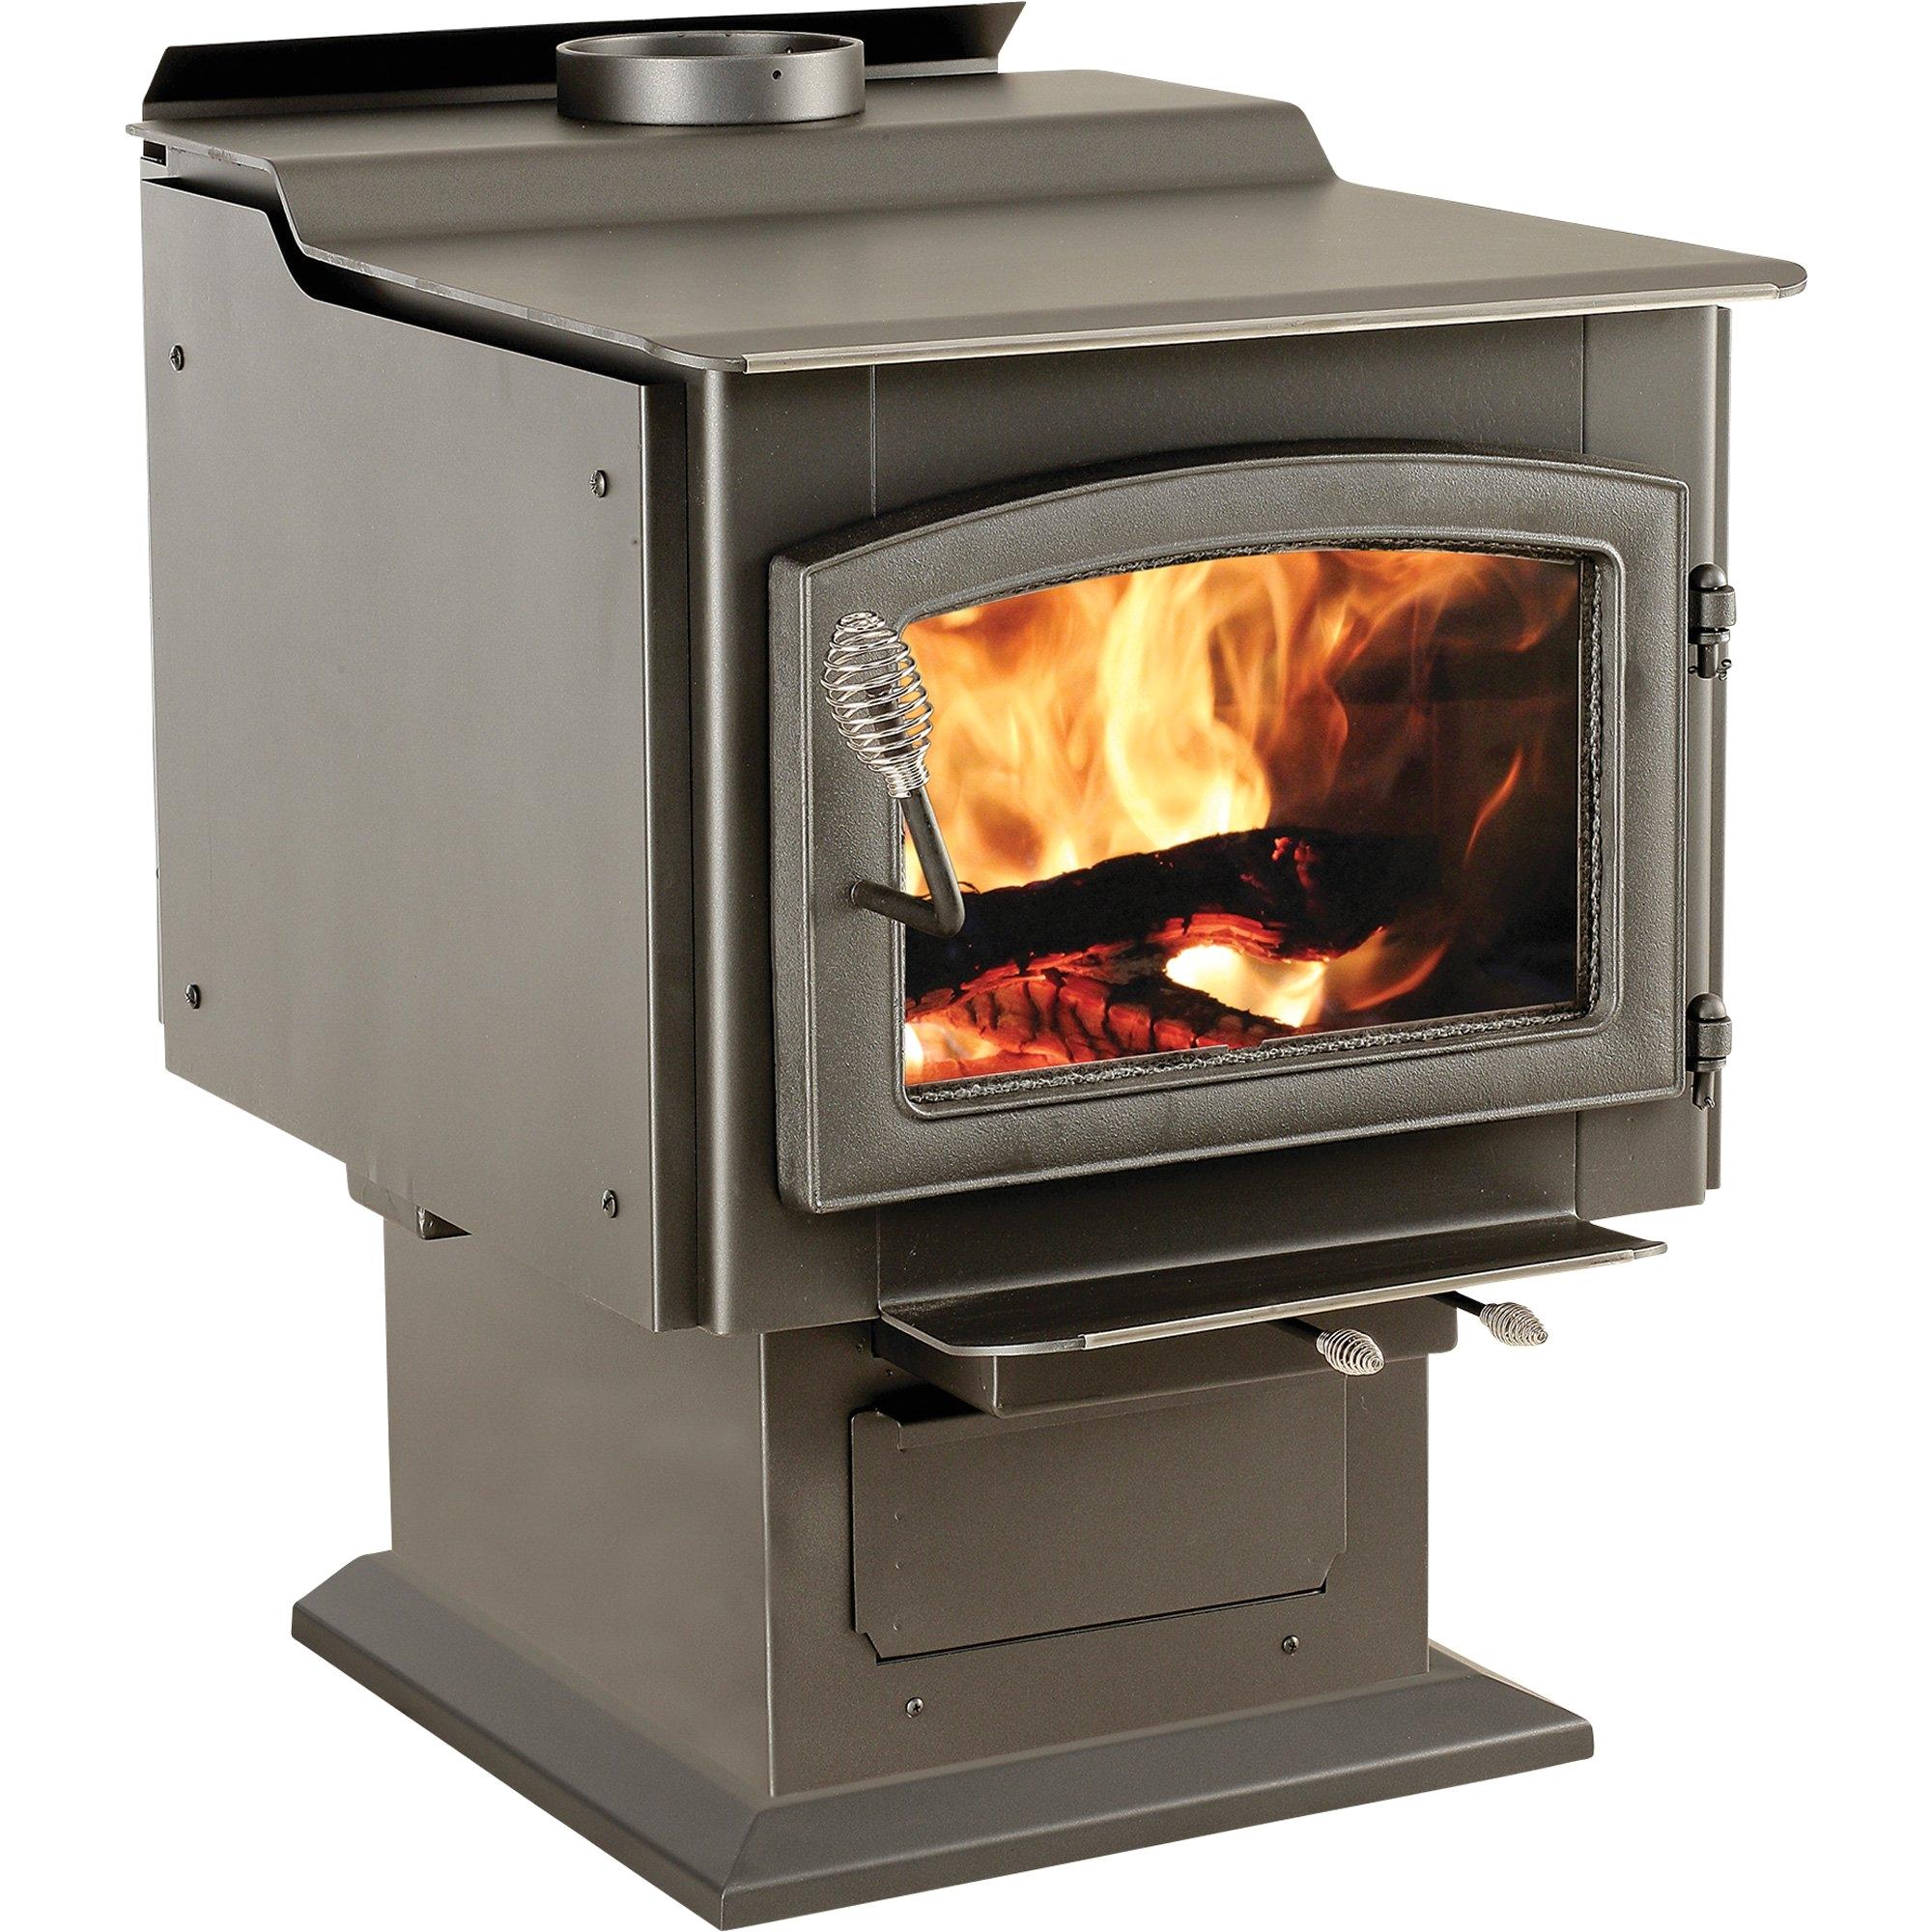 2 top seller vogelzang ponderosa high efficiency wood stove 152 000 btu epa certified model